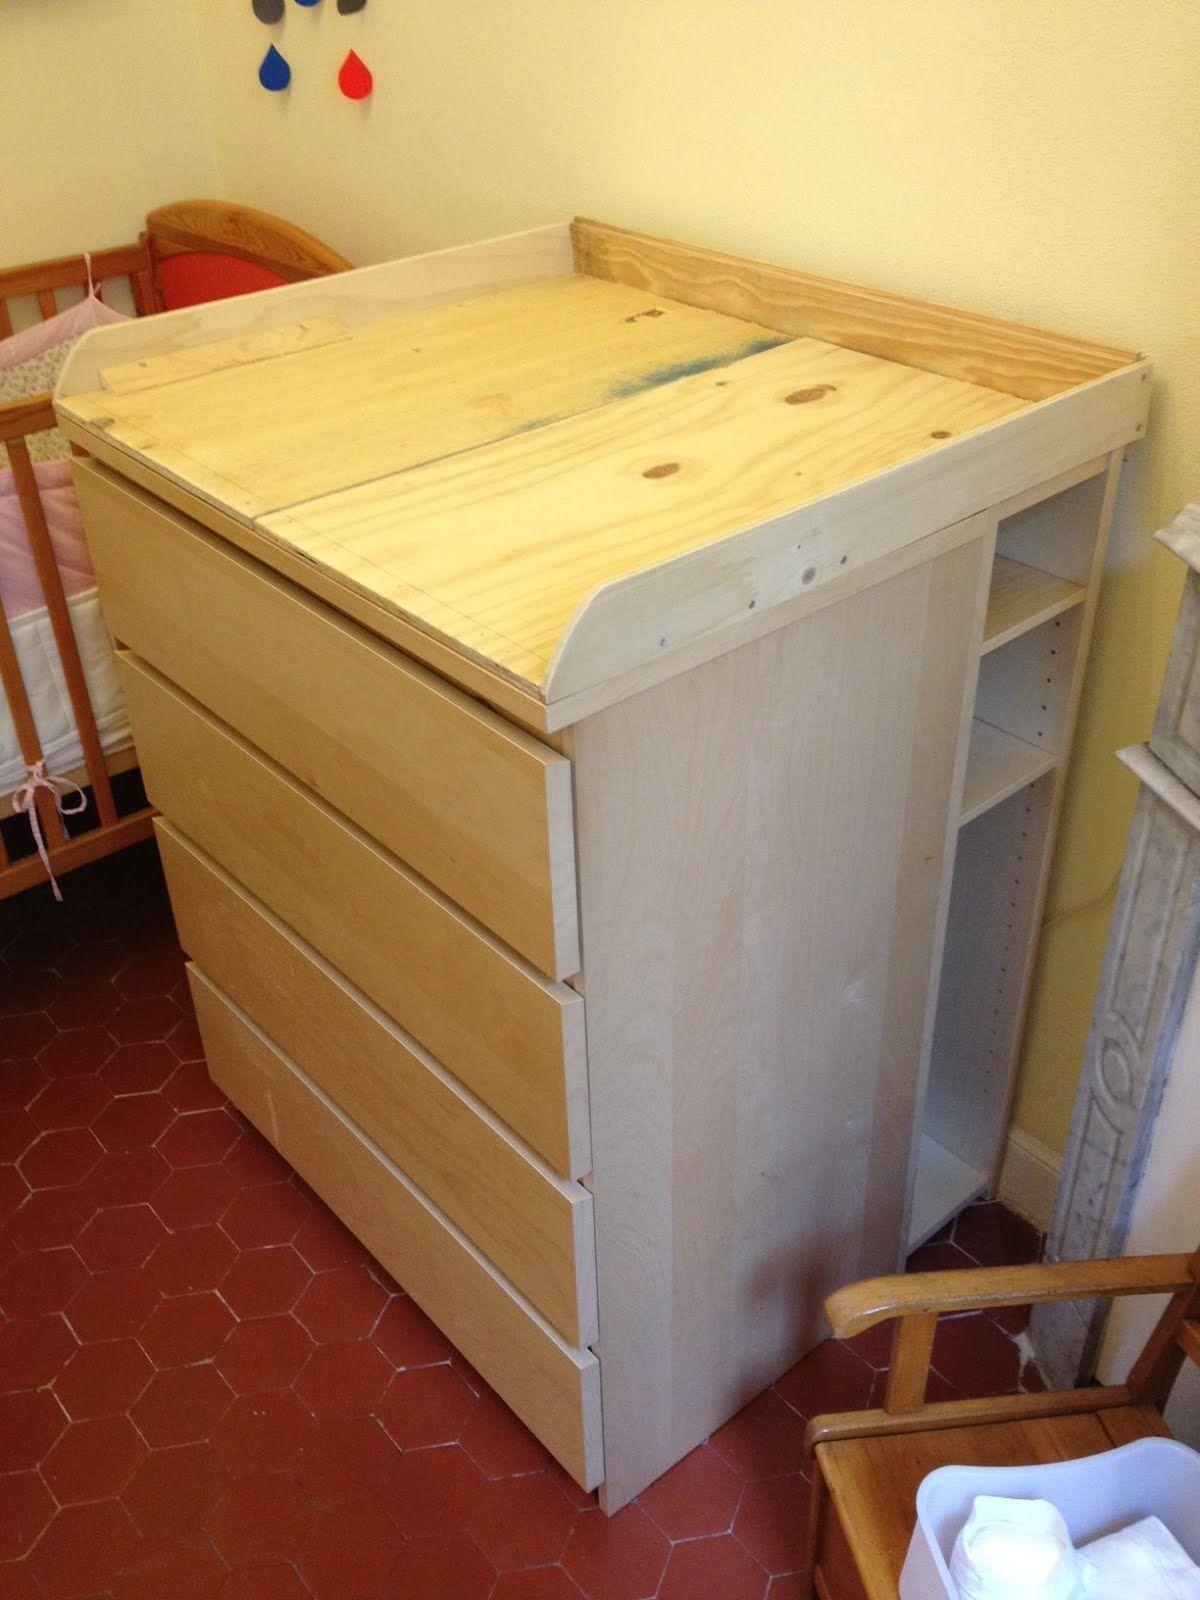 R sultat de recherche d 39 images pour ikea hack malm table a langer projets essayer - Ikea meuble bebe ...